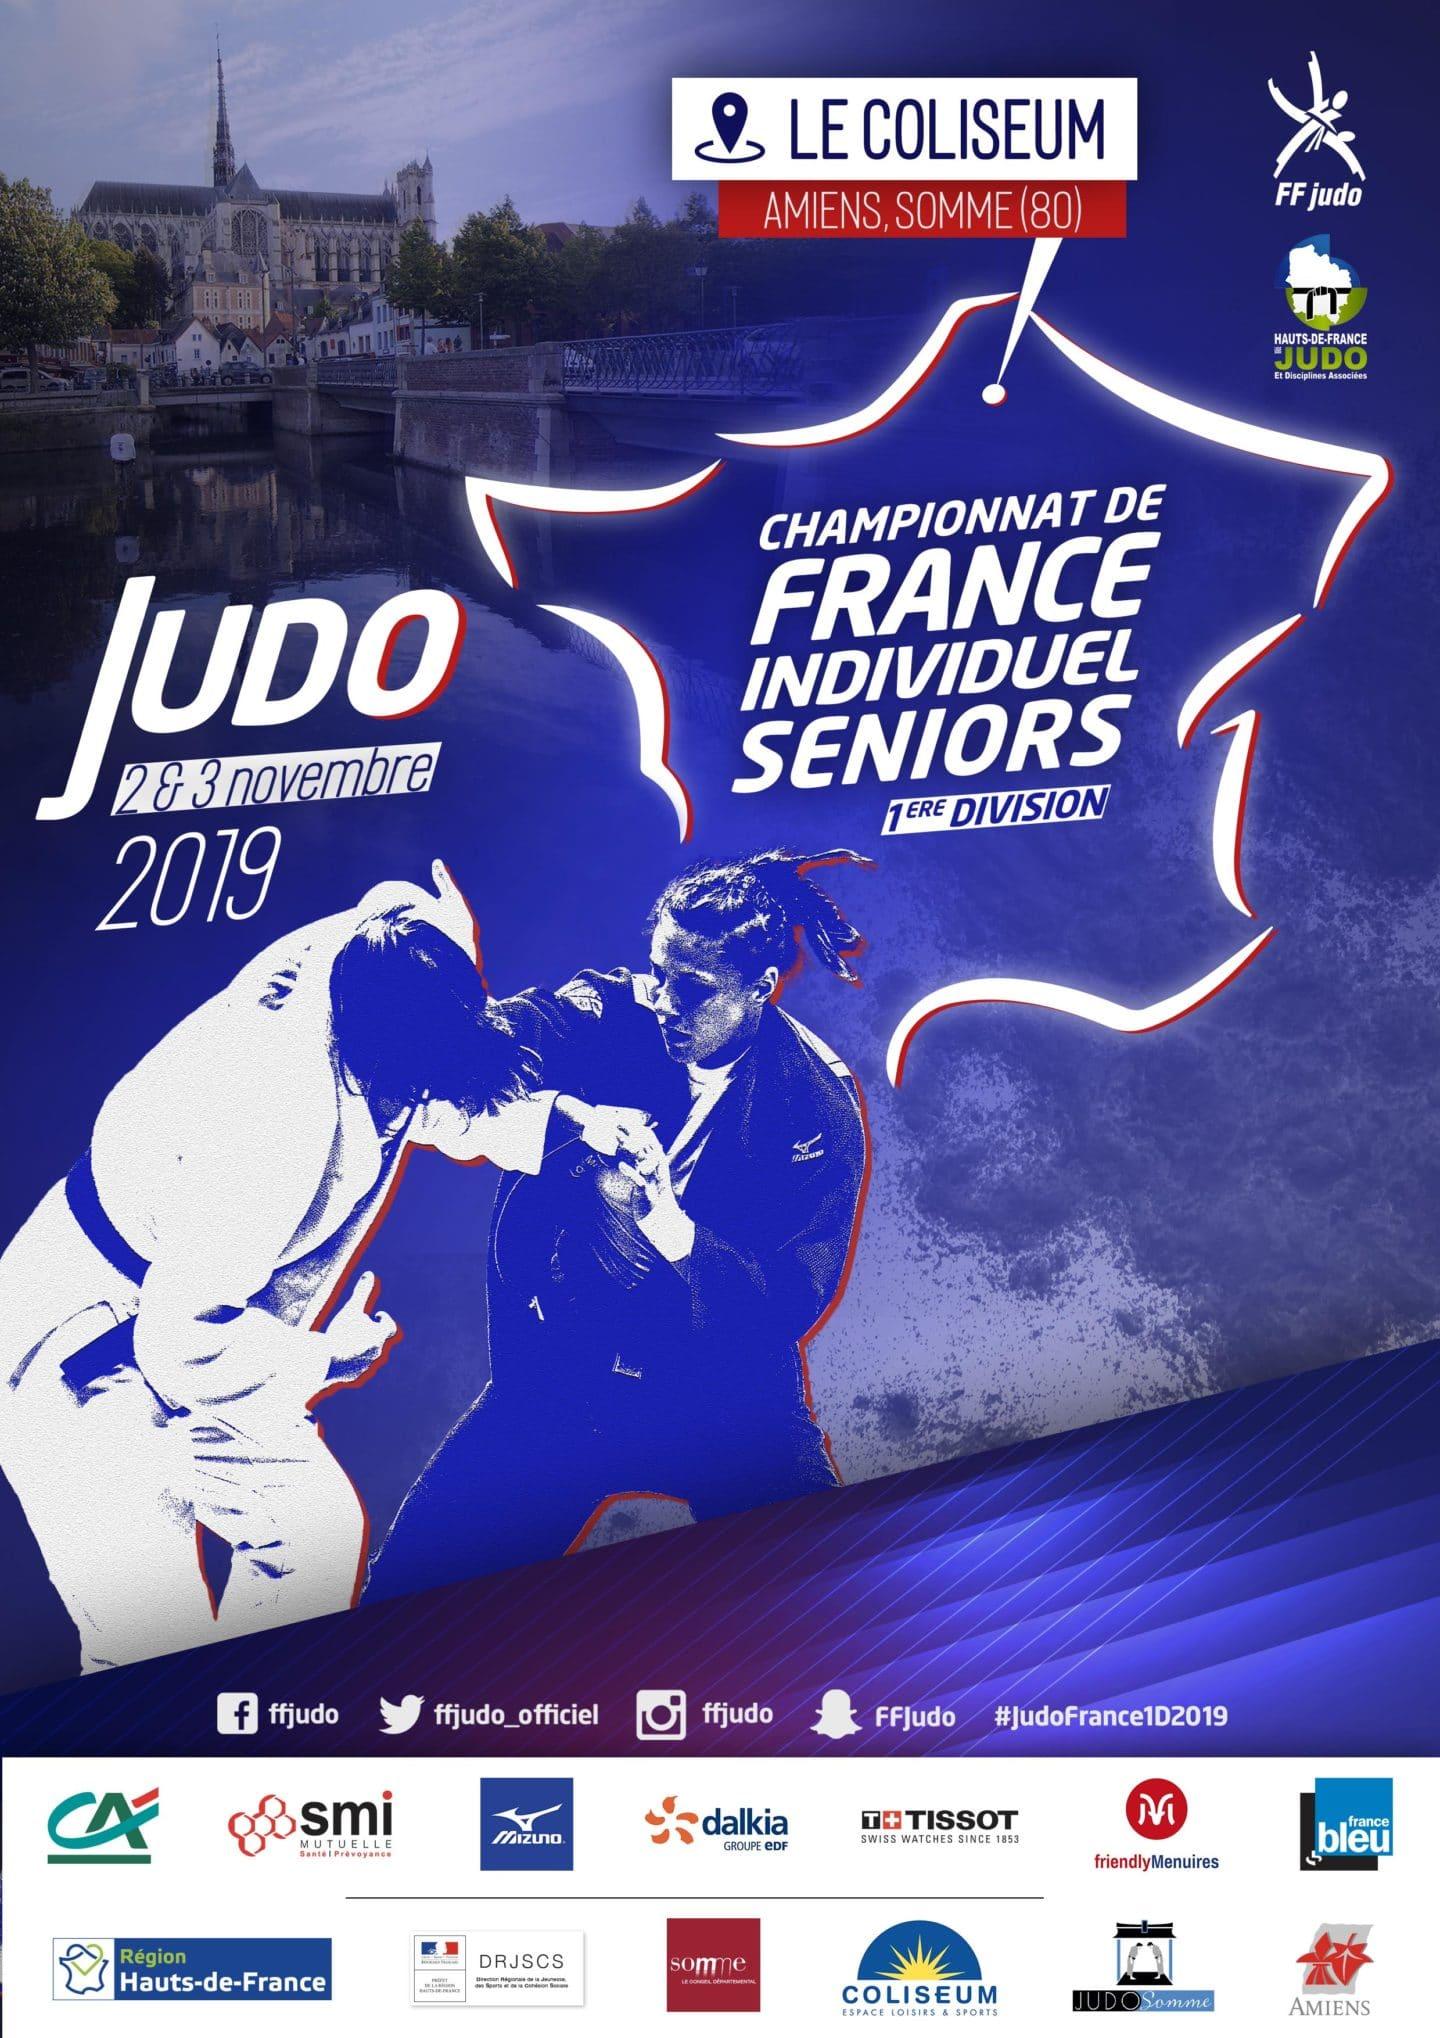 Billetterie Championnats de France D1 – Amiens